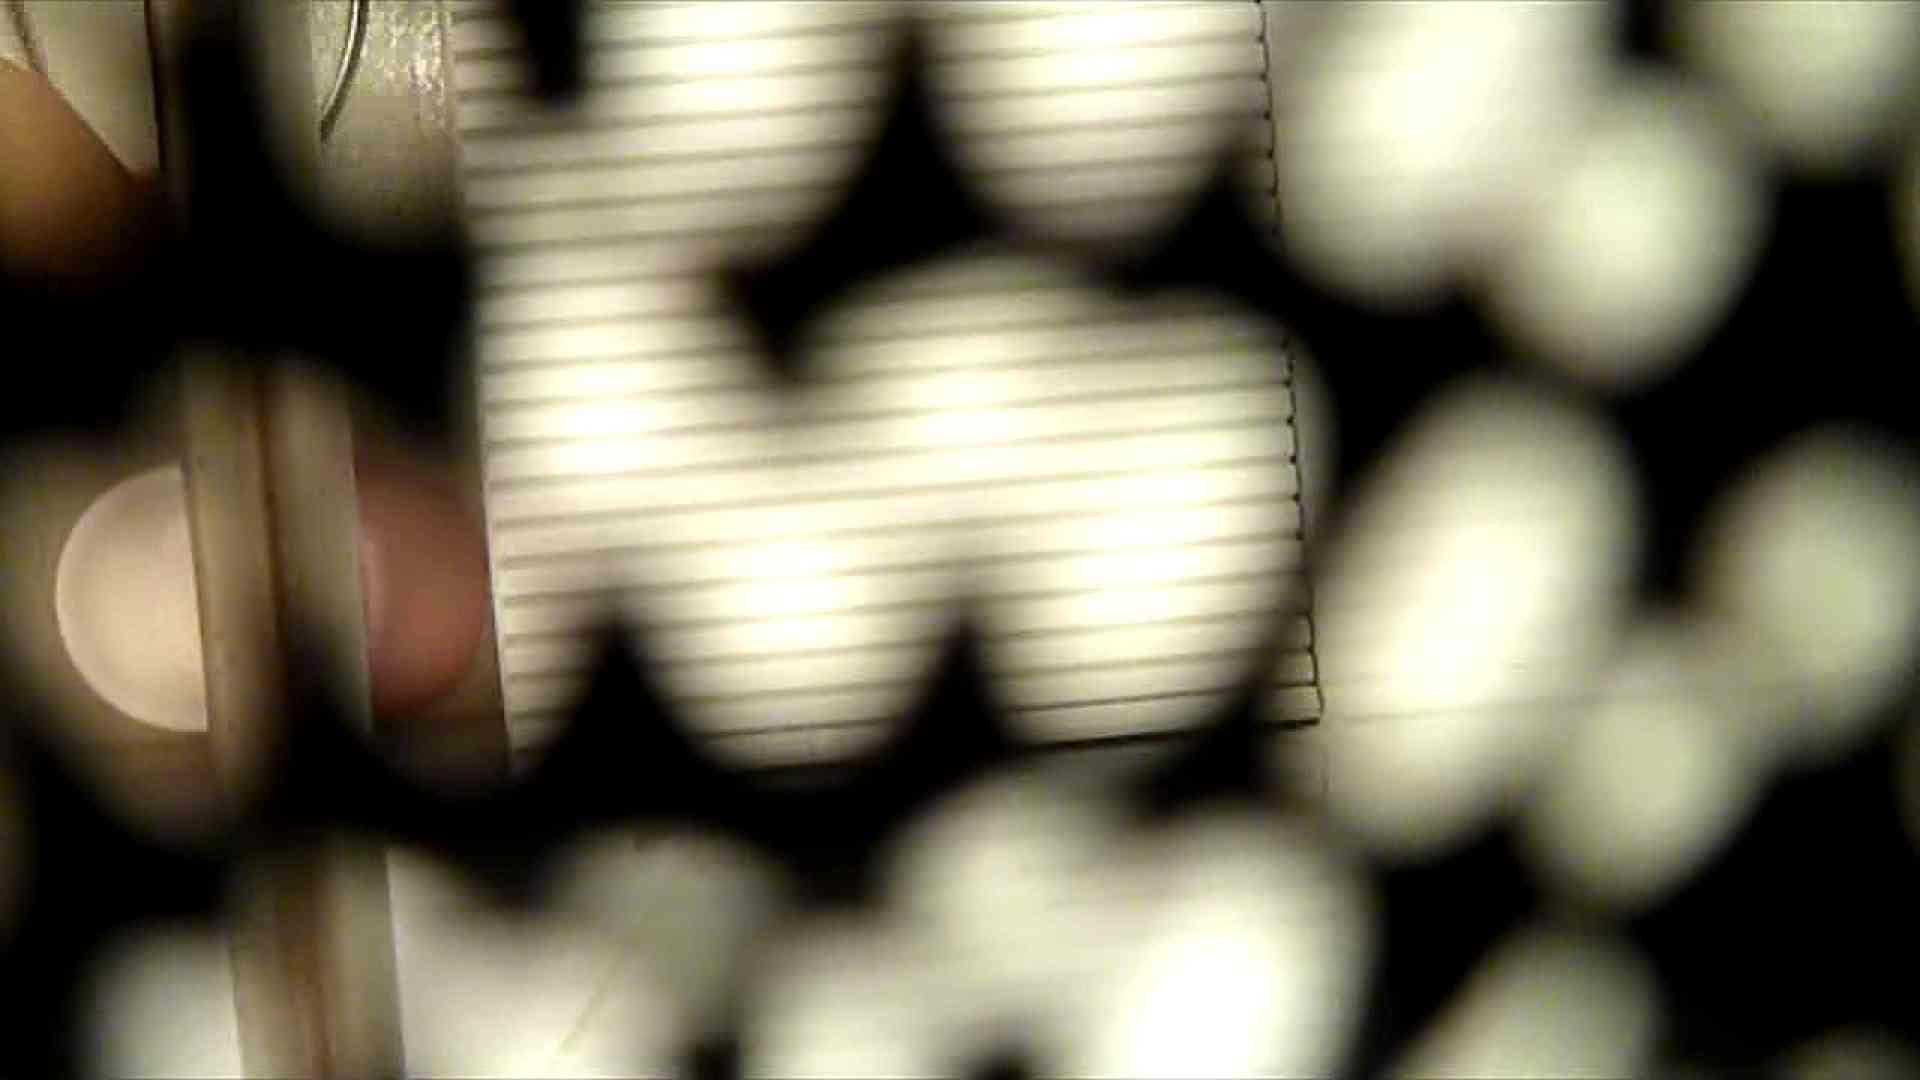 vol.1 Mayumi 窓越しに入浴シーン撮影に成功 いやらしいOL  60連発 51